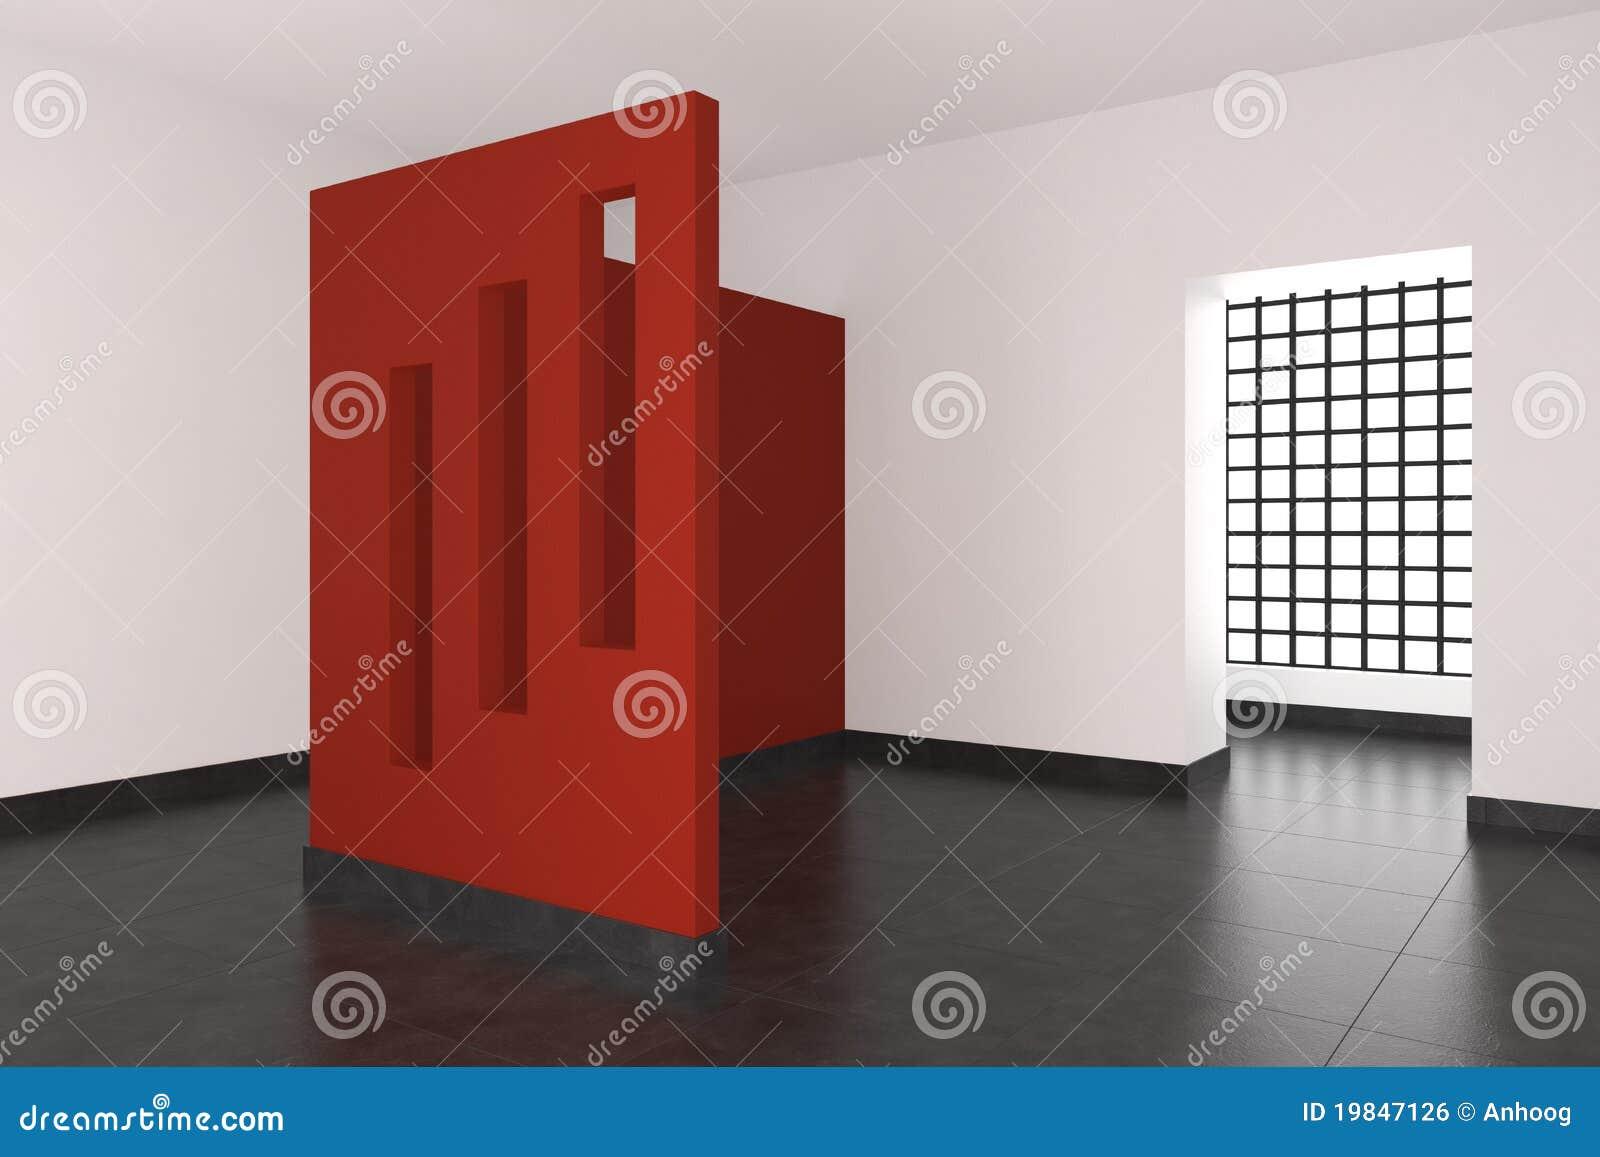 Moderner leerer Innenraum mit roter Wand und Fenstern